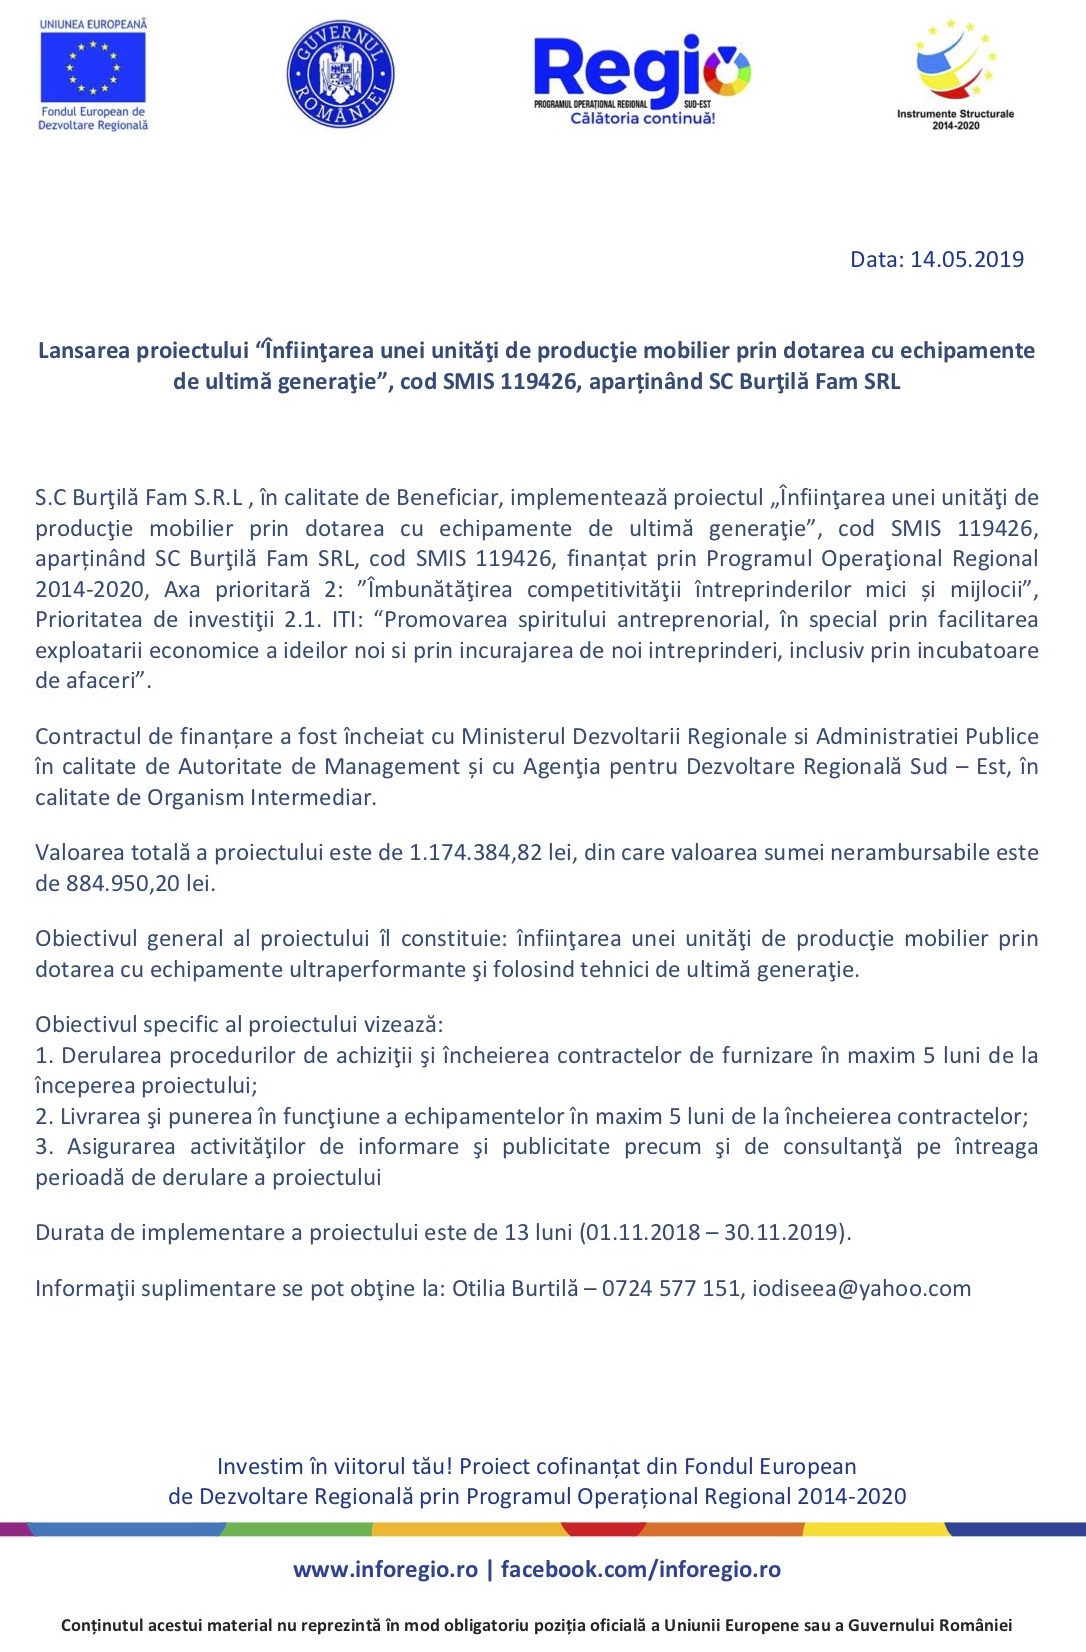 """Lansarea proiectului """"Înfiinţarea unei unităţi de producţie mobilier prin dotarea cu echipamente de ultimă generaţie"""", cod SMIS 119426, aparținând SC Burţilă Fam SRL"""